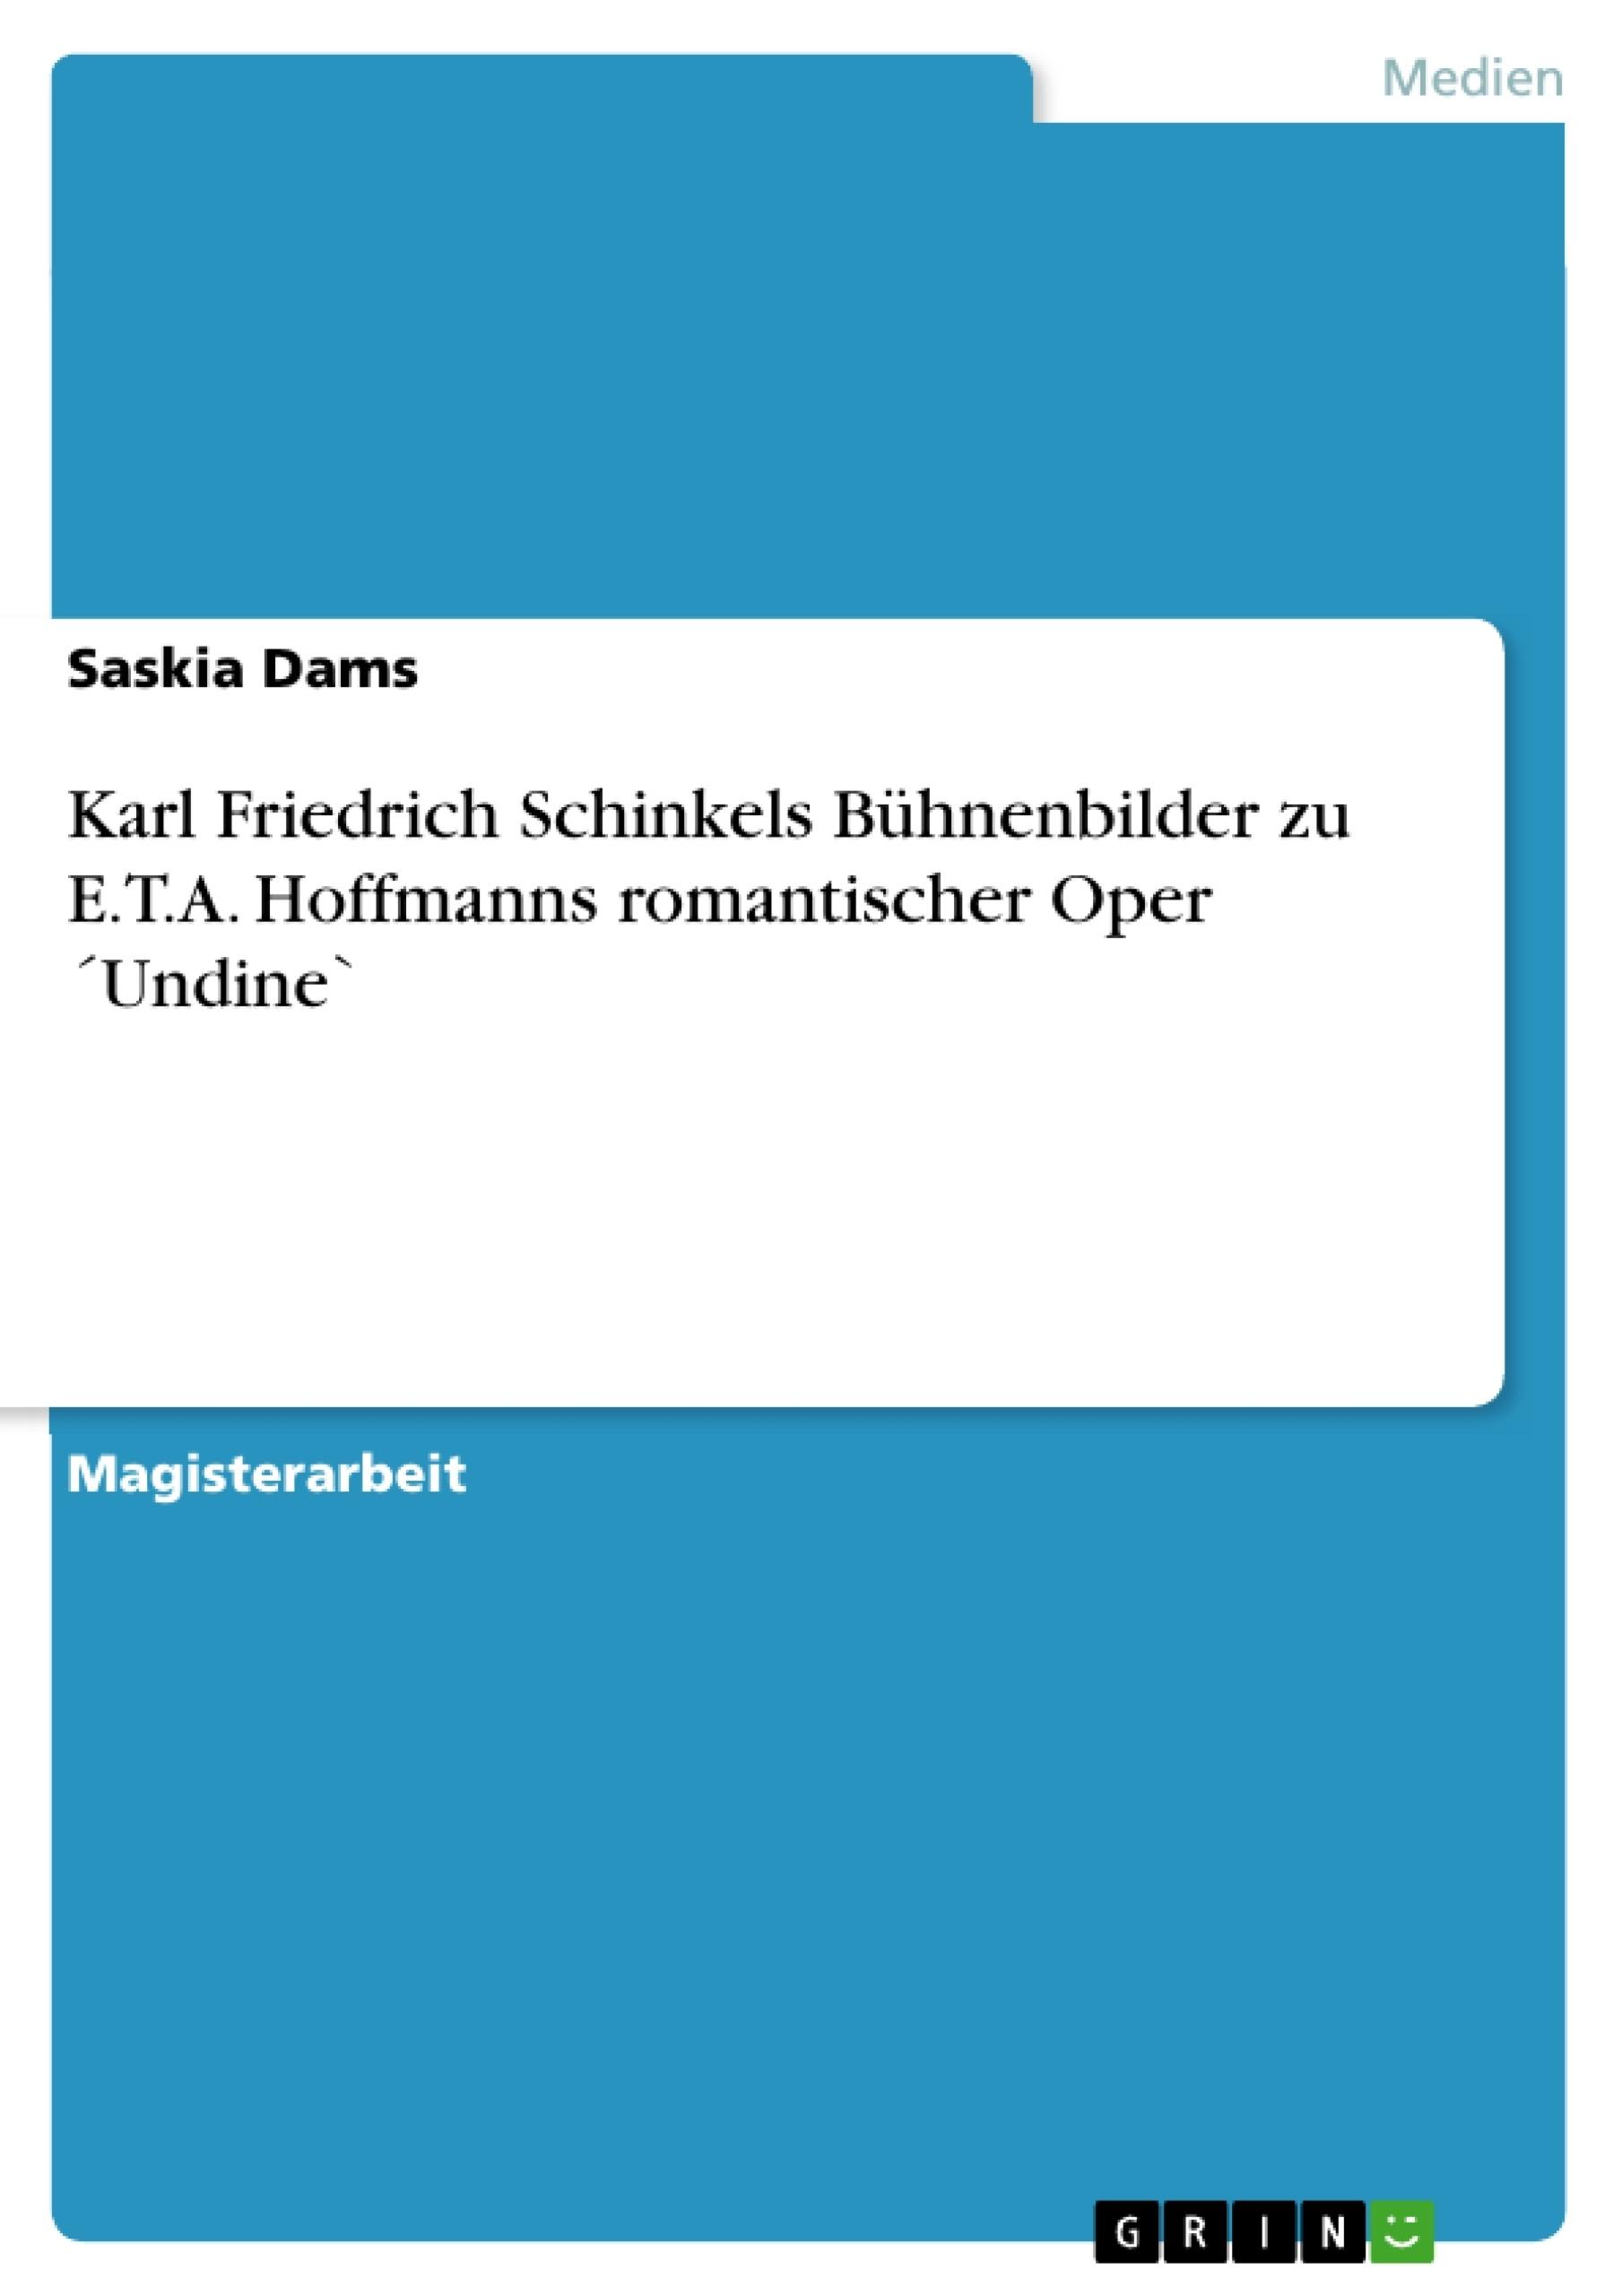 Titel: Karl Friedrich Schinkels Bühnenbilder zu E.T.A. Hoffmanns romantischer Oper ´Undine`